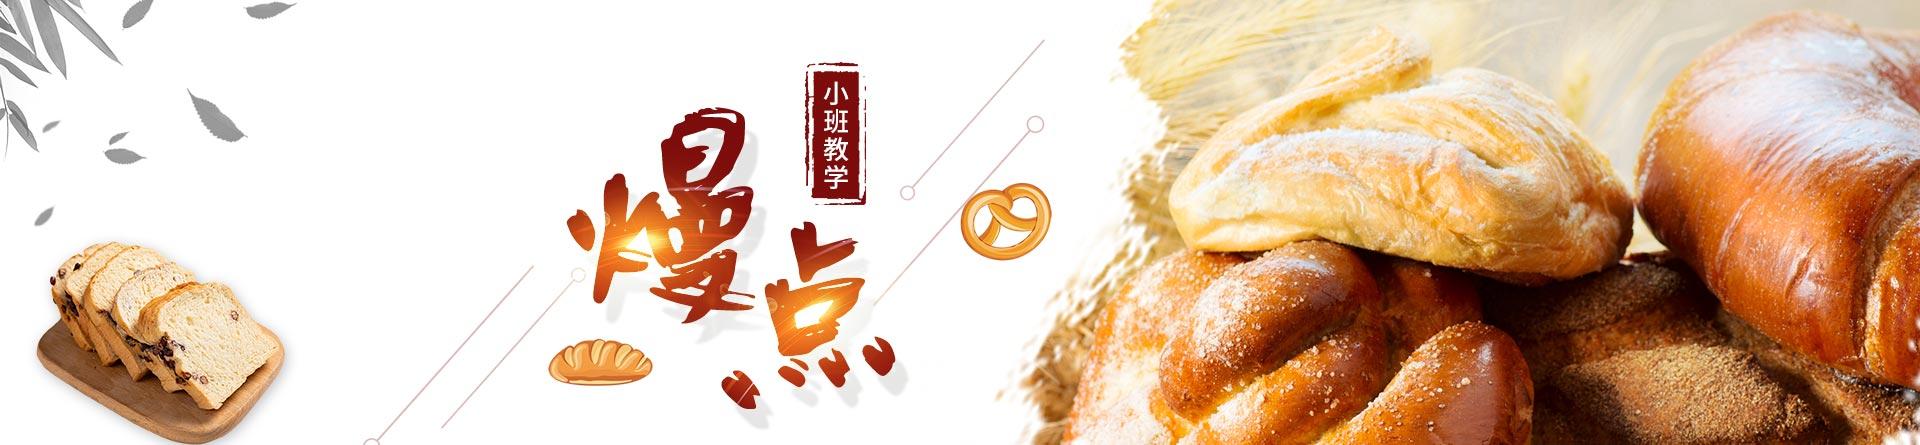 深圳熳点教育 横幅广告